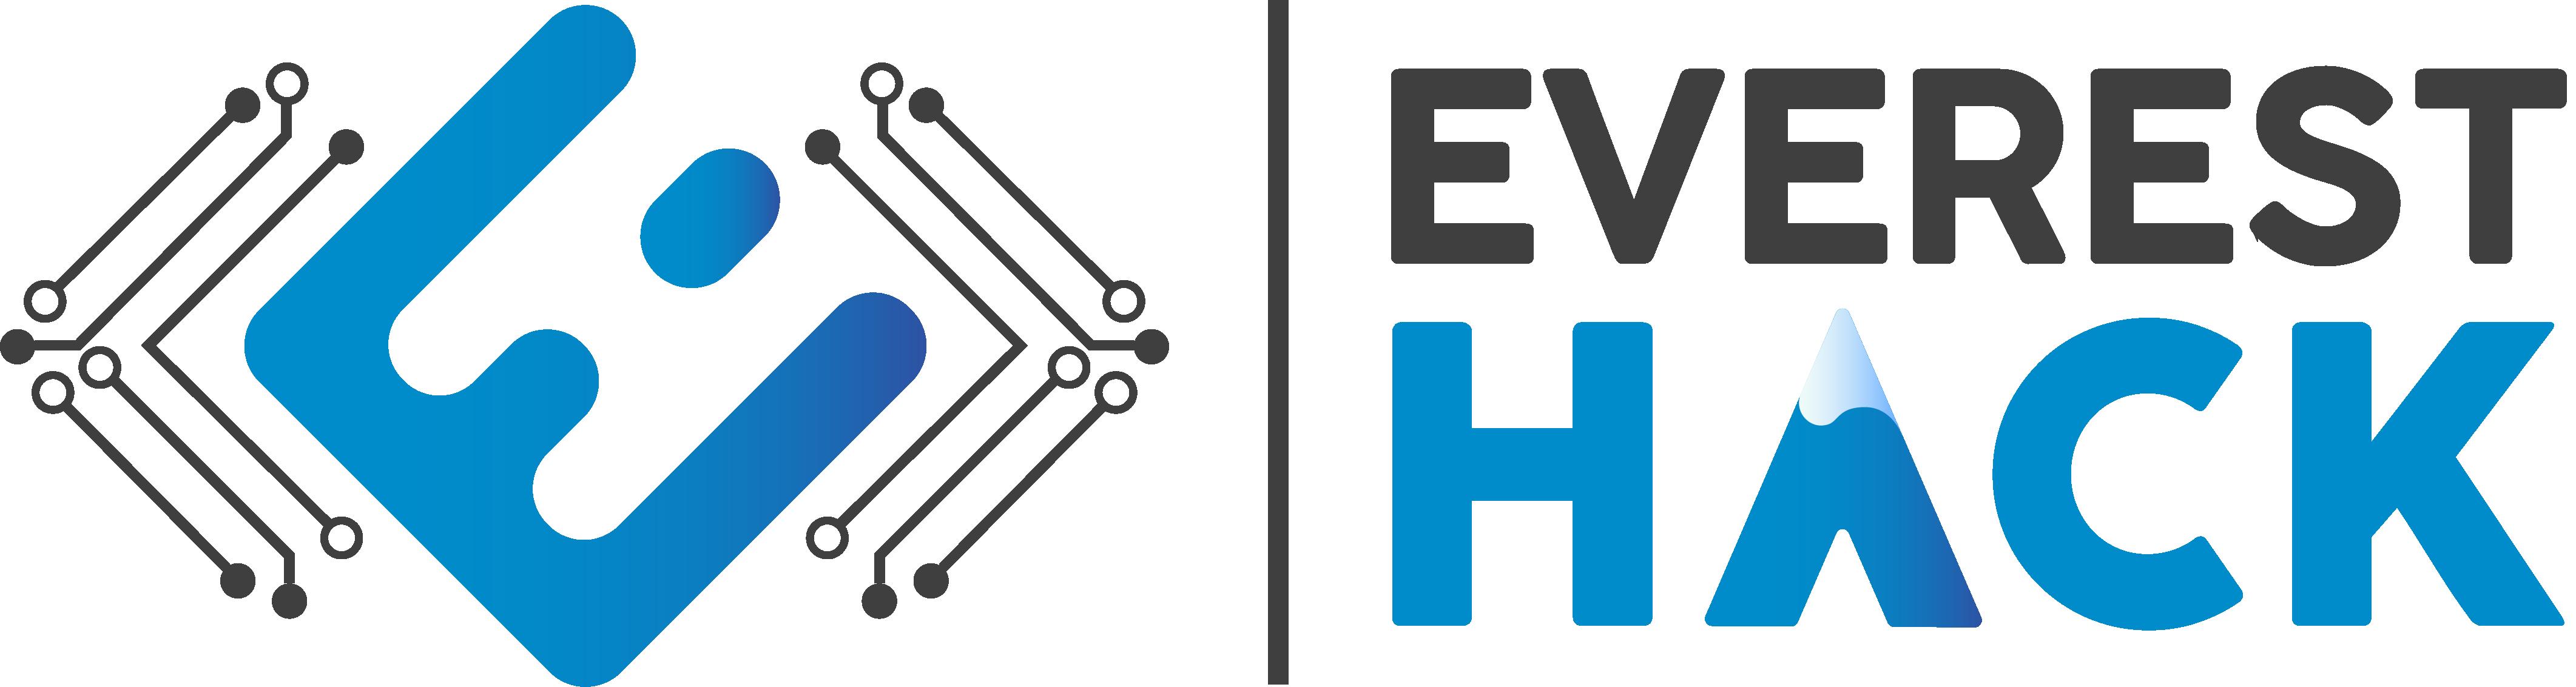 Everest Hack